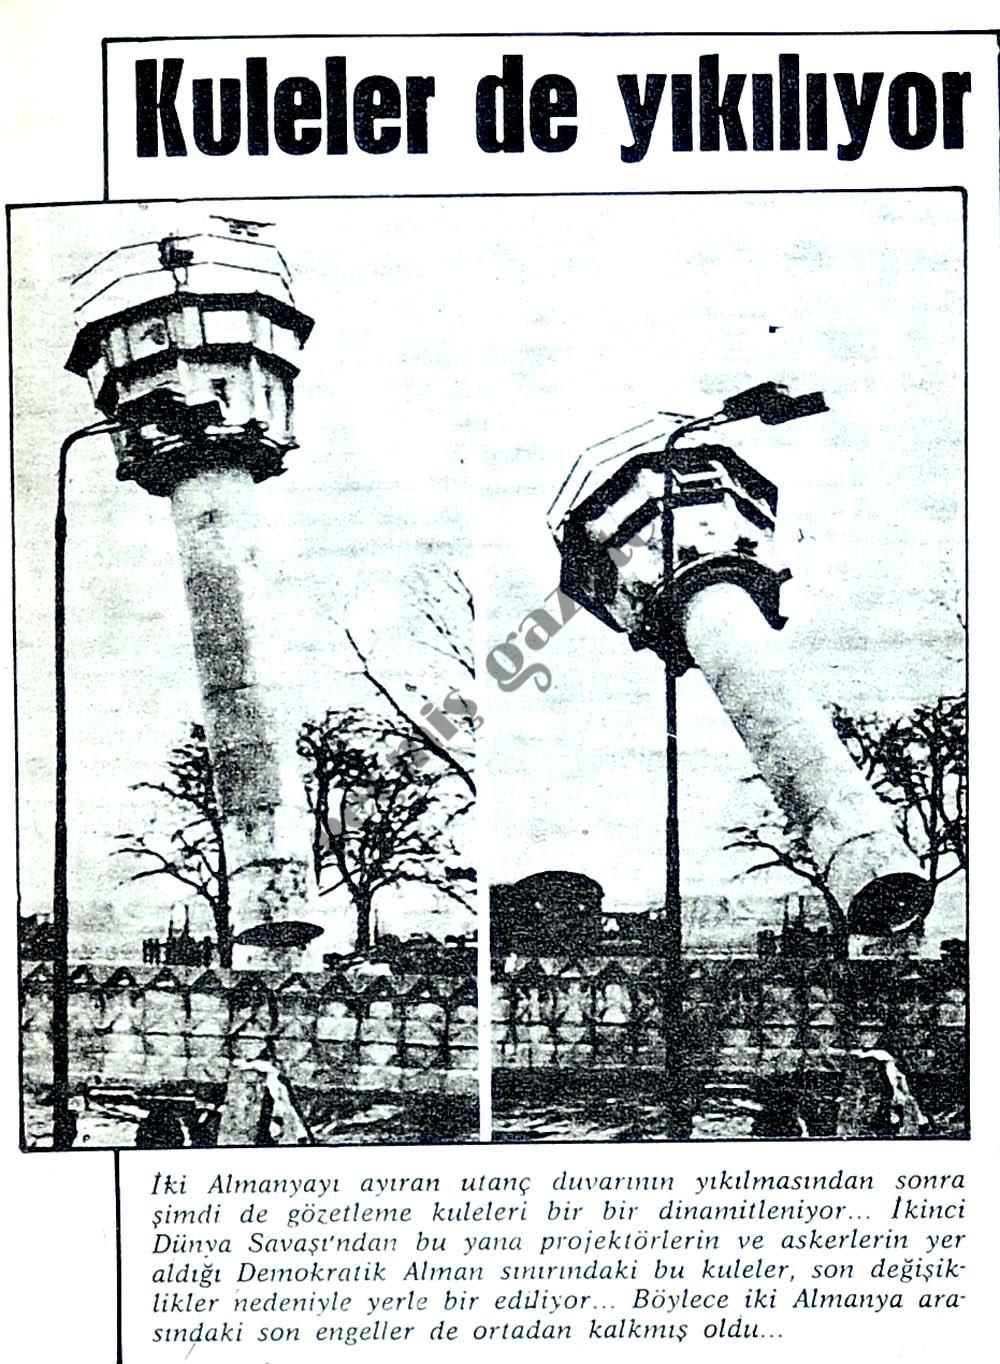 Kuleler de yıkılıyor